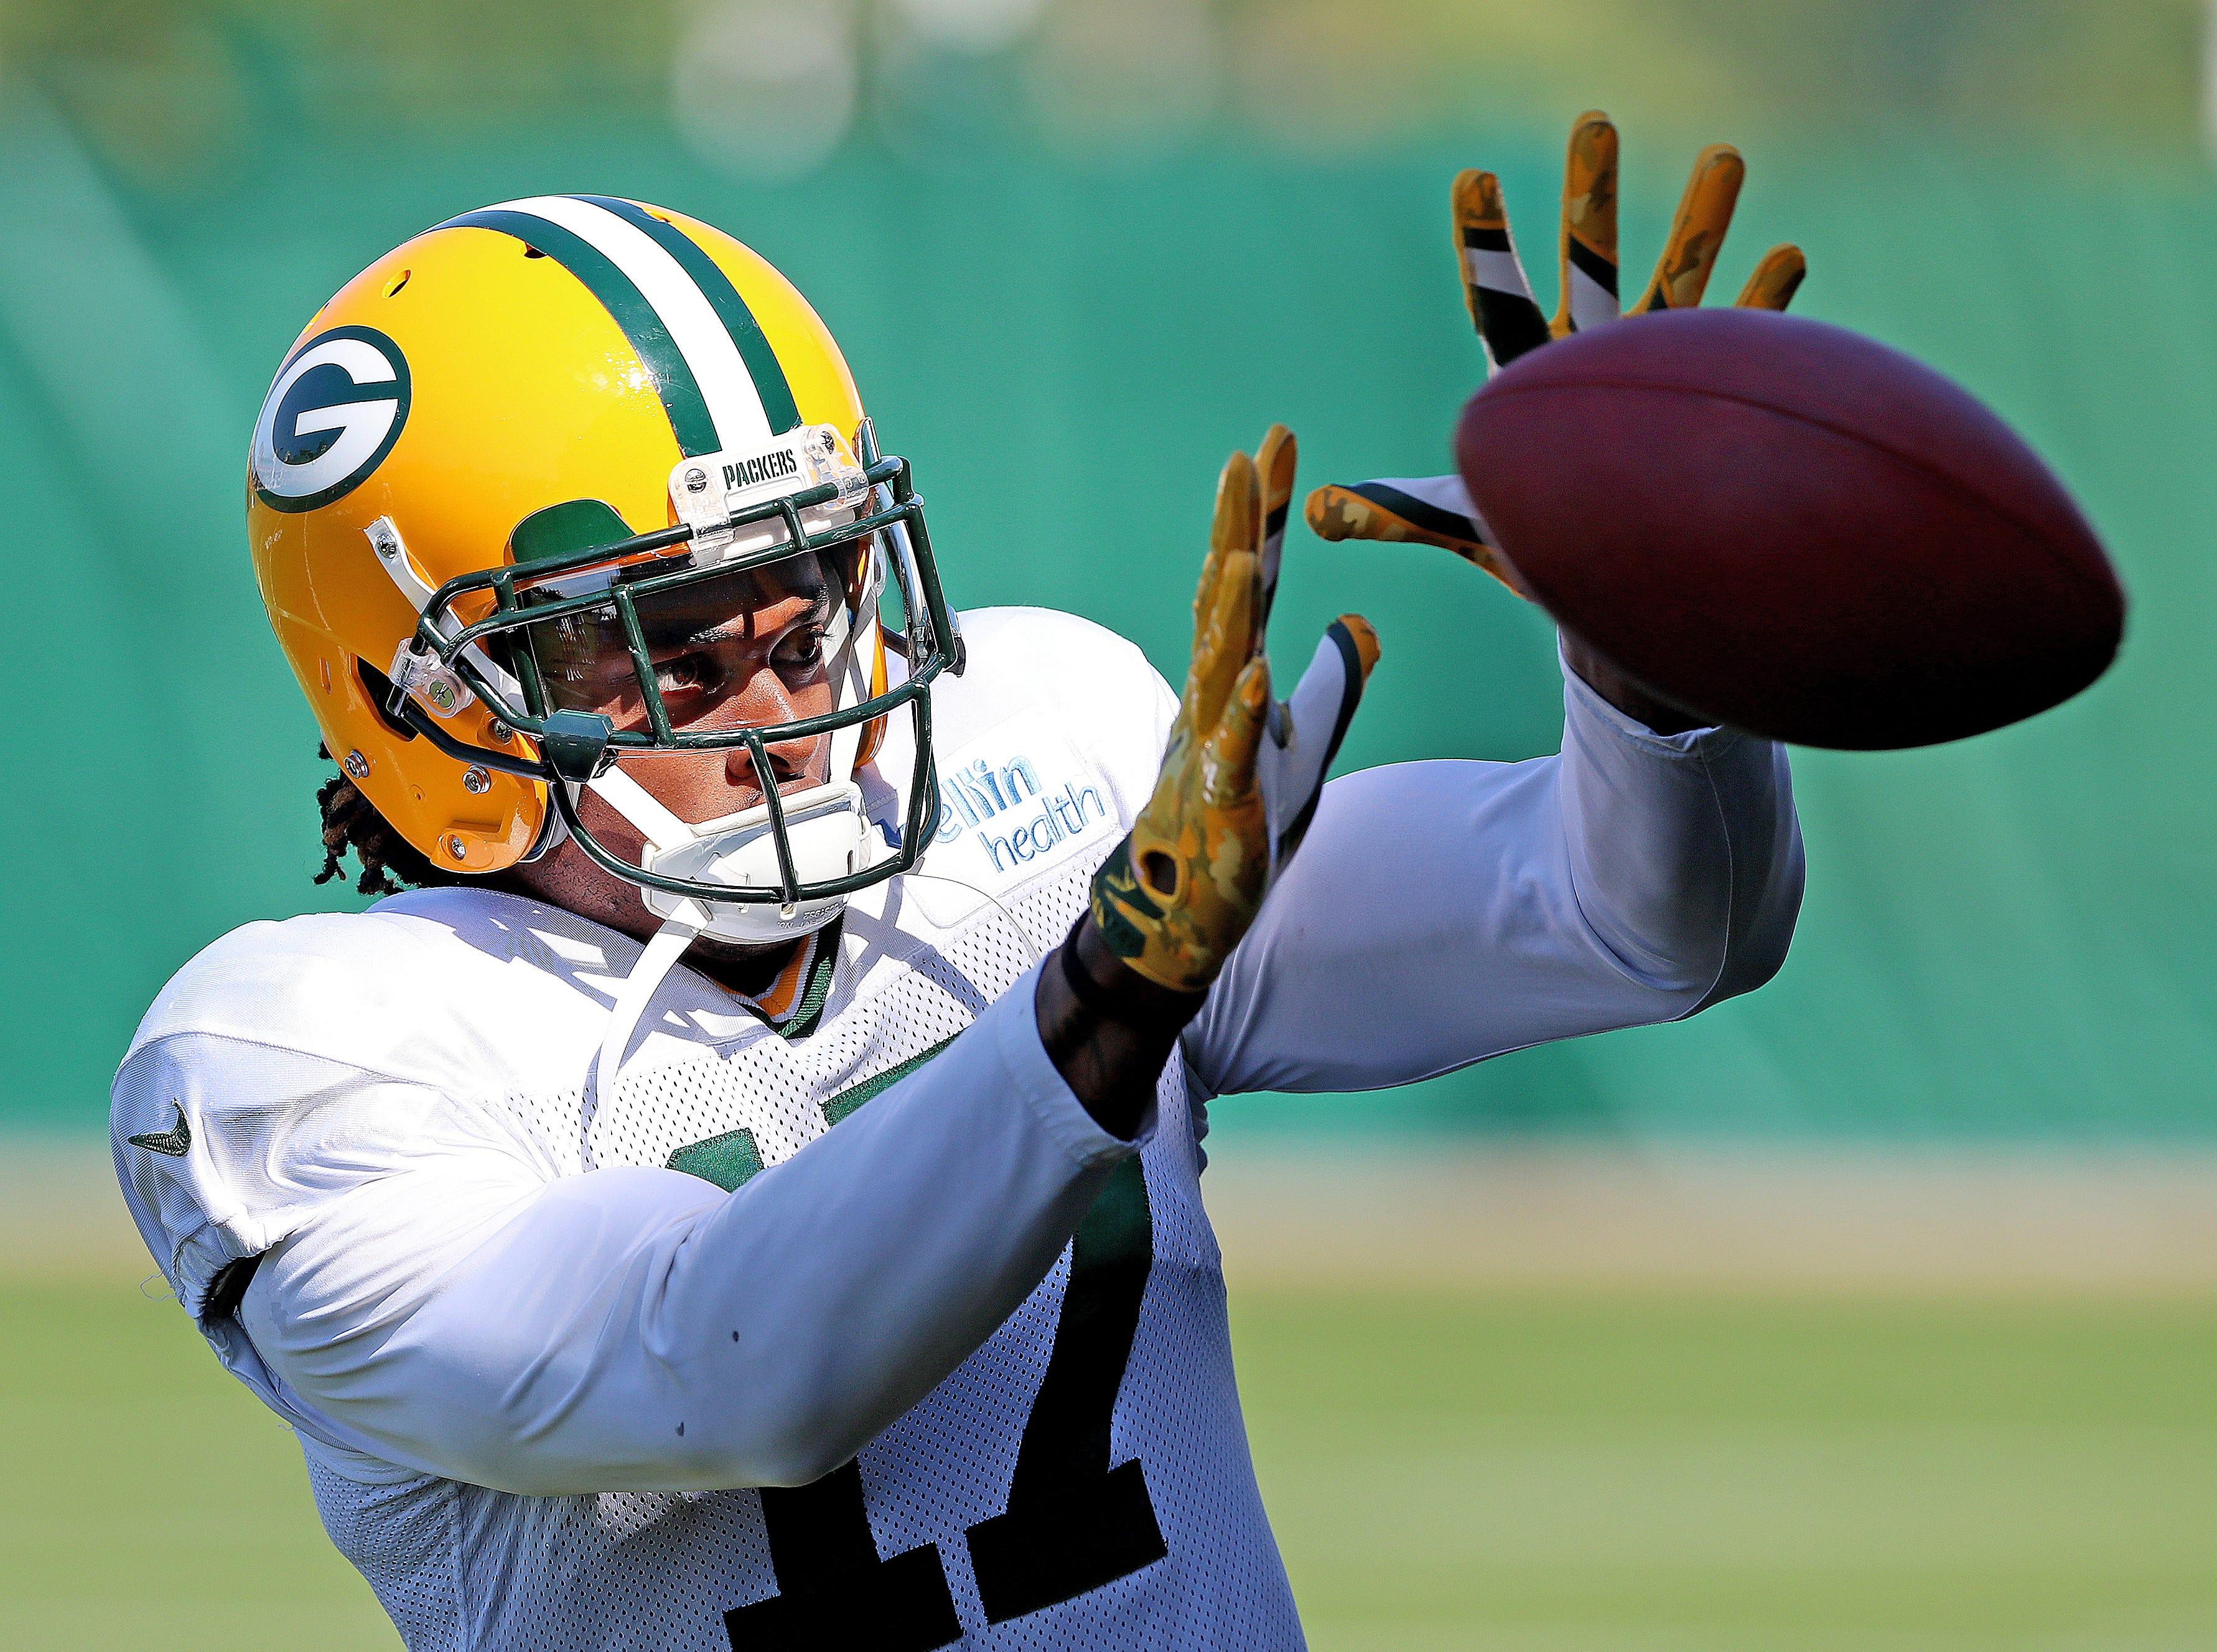 Green Bay Packers wide receiver Davante Adams (17) during practice September 13, 2018 at Clarke Hinkle Field in Ashwaubenon, WIs.